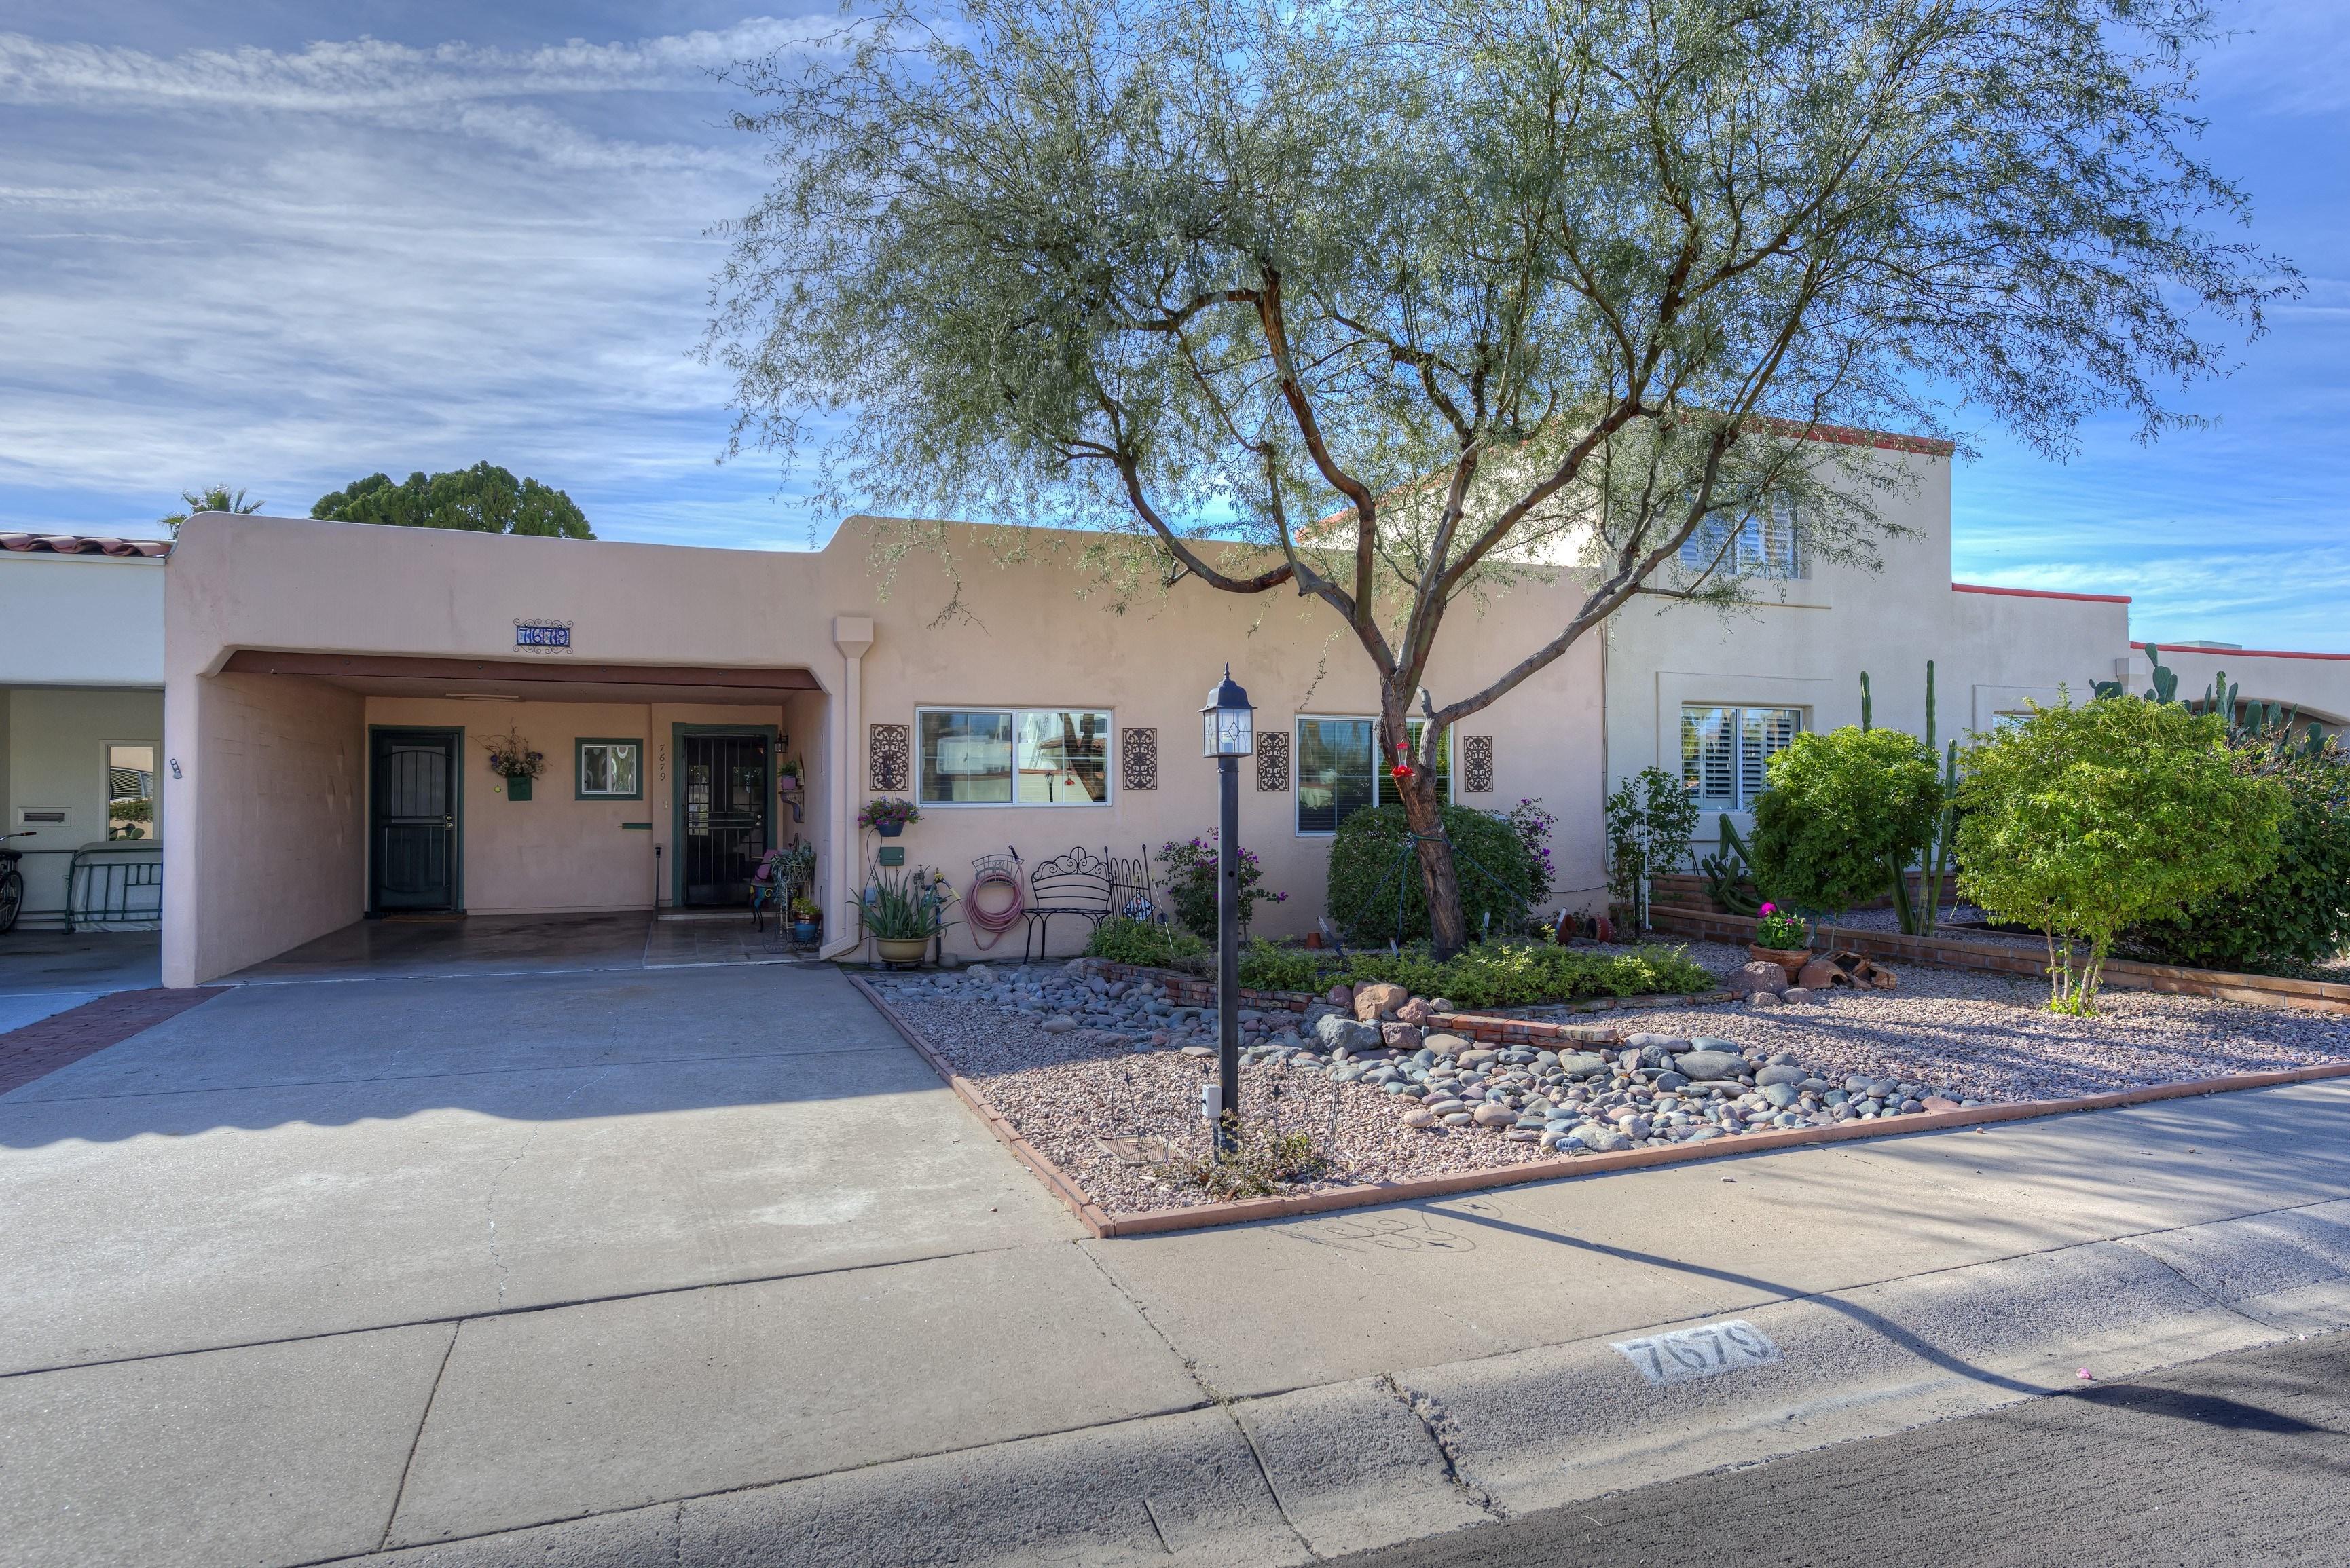 Scottsdale patio home for sale in villa monterey for Scottsdale homes for sale with guest house